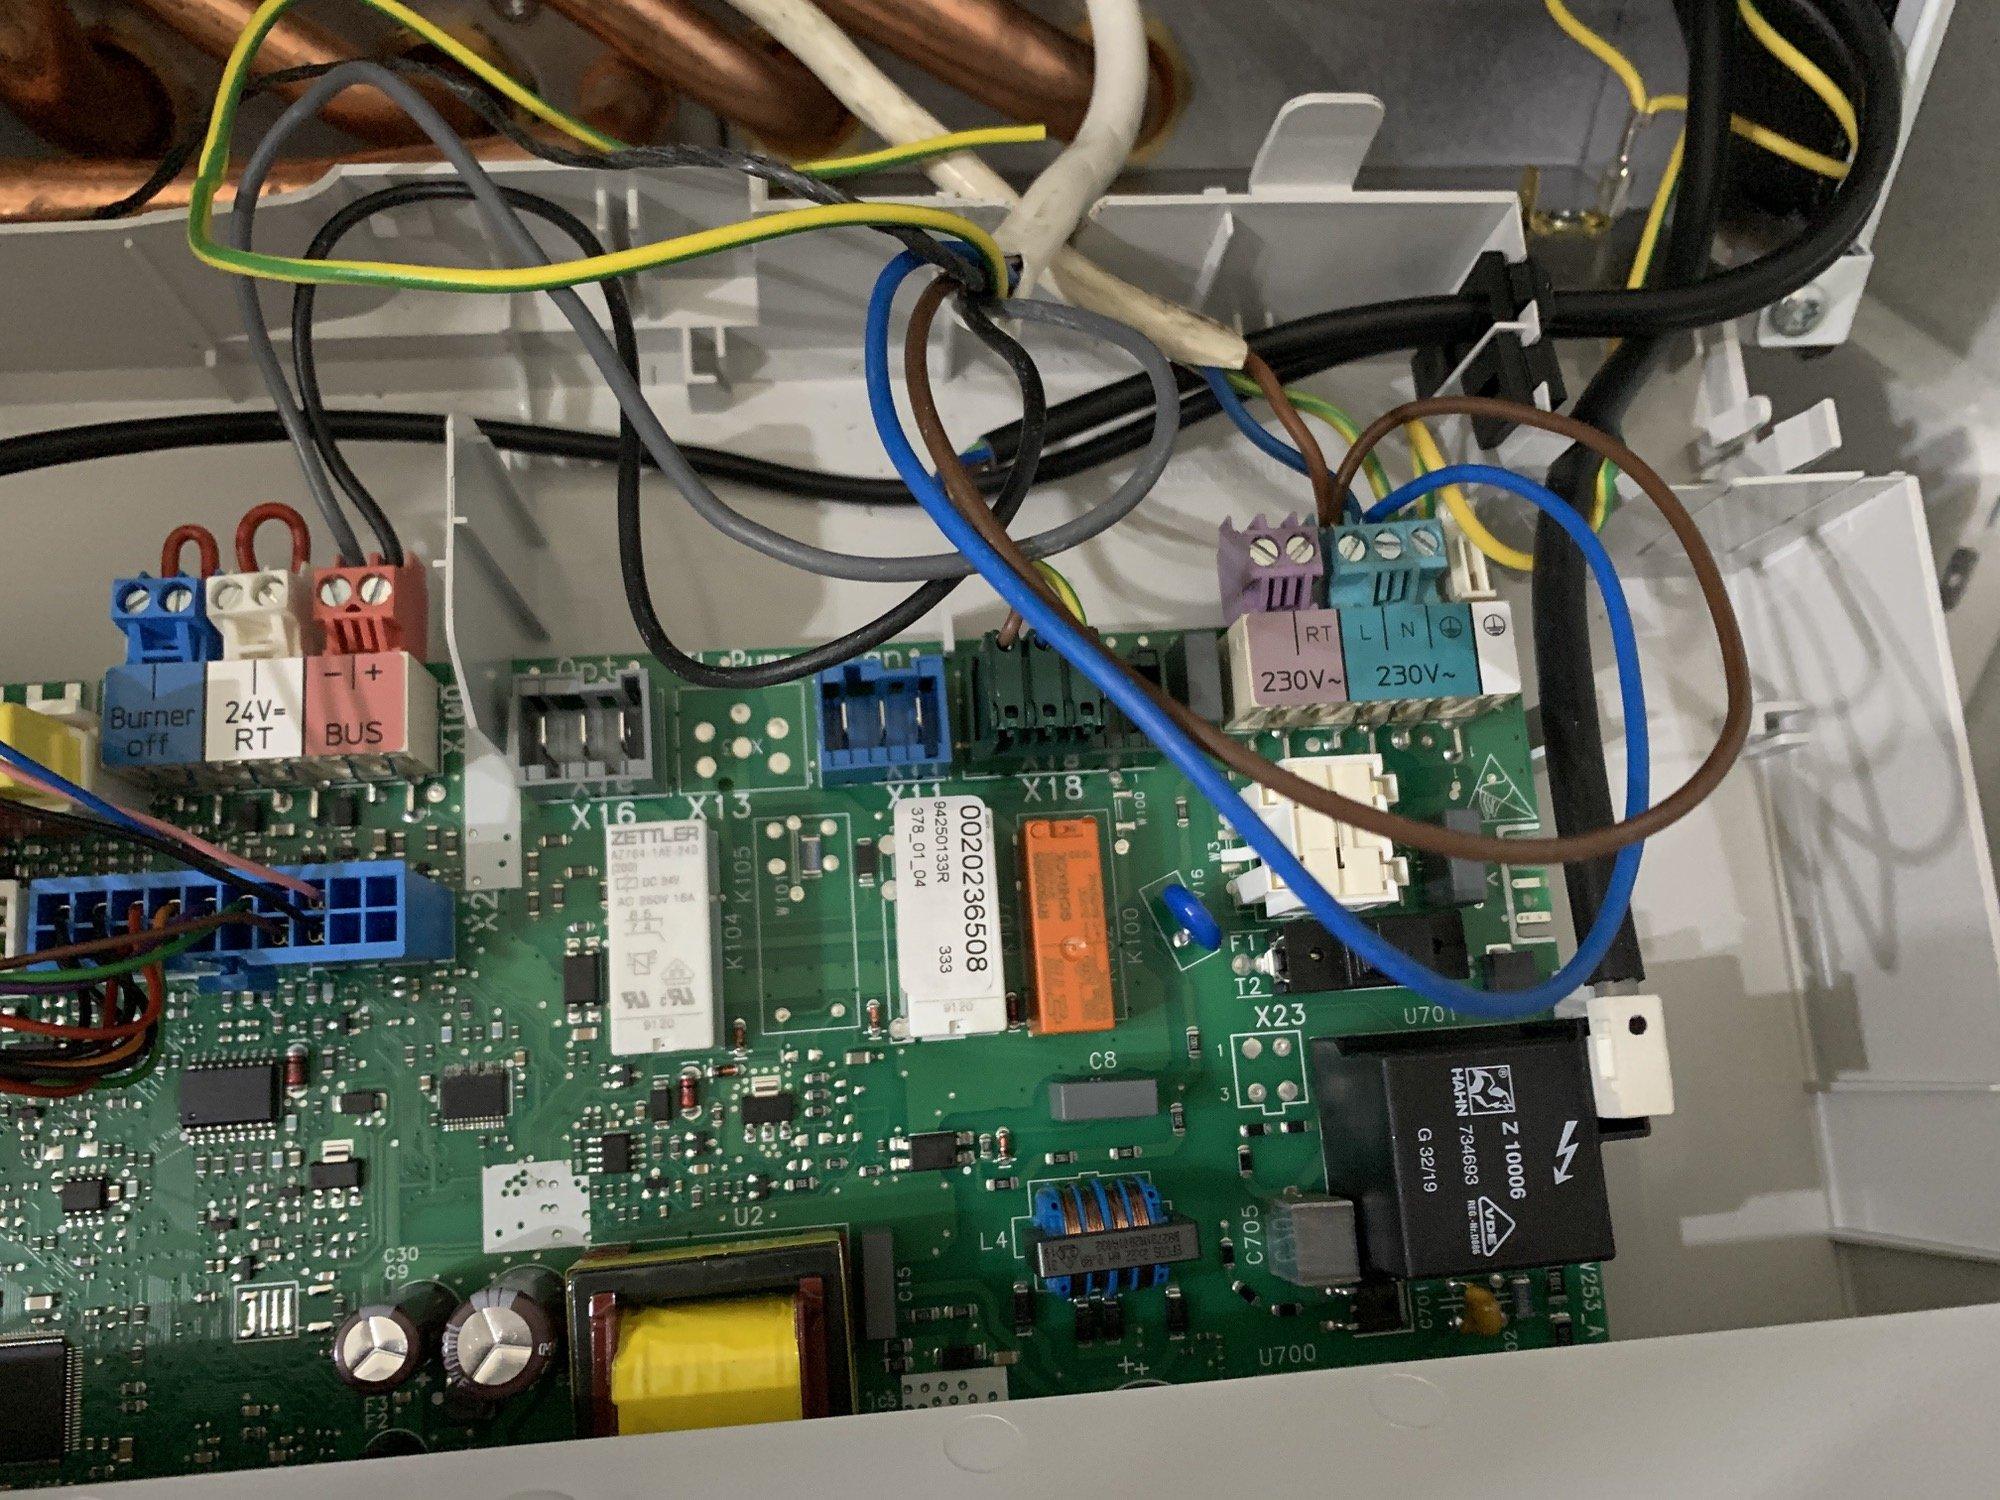 10294E35-161B-48A2-9A36-5D3834BCD79C-2000.jpg